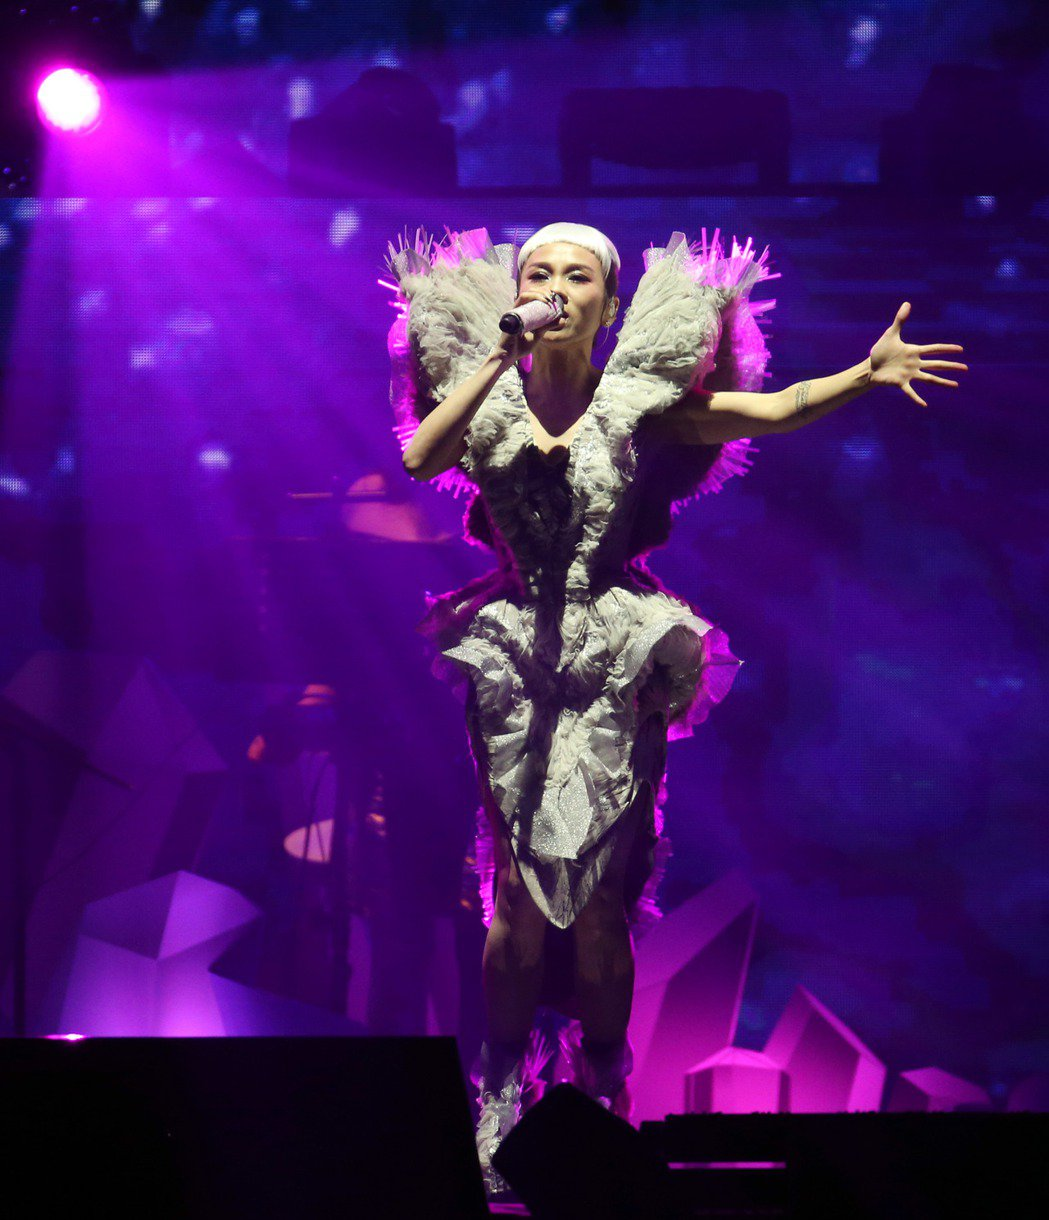 蔡健雅「列穆尼亞」巡演,重回小巨蛋,今日舉辦最終場演出。記者陳瑞源/攝影